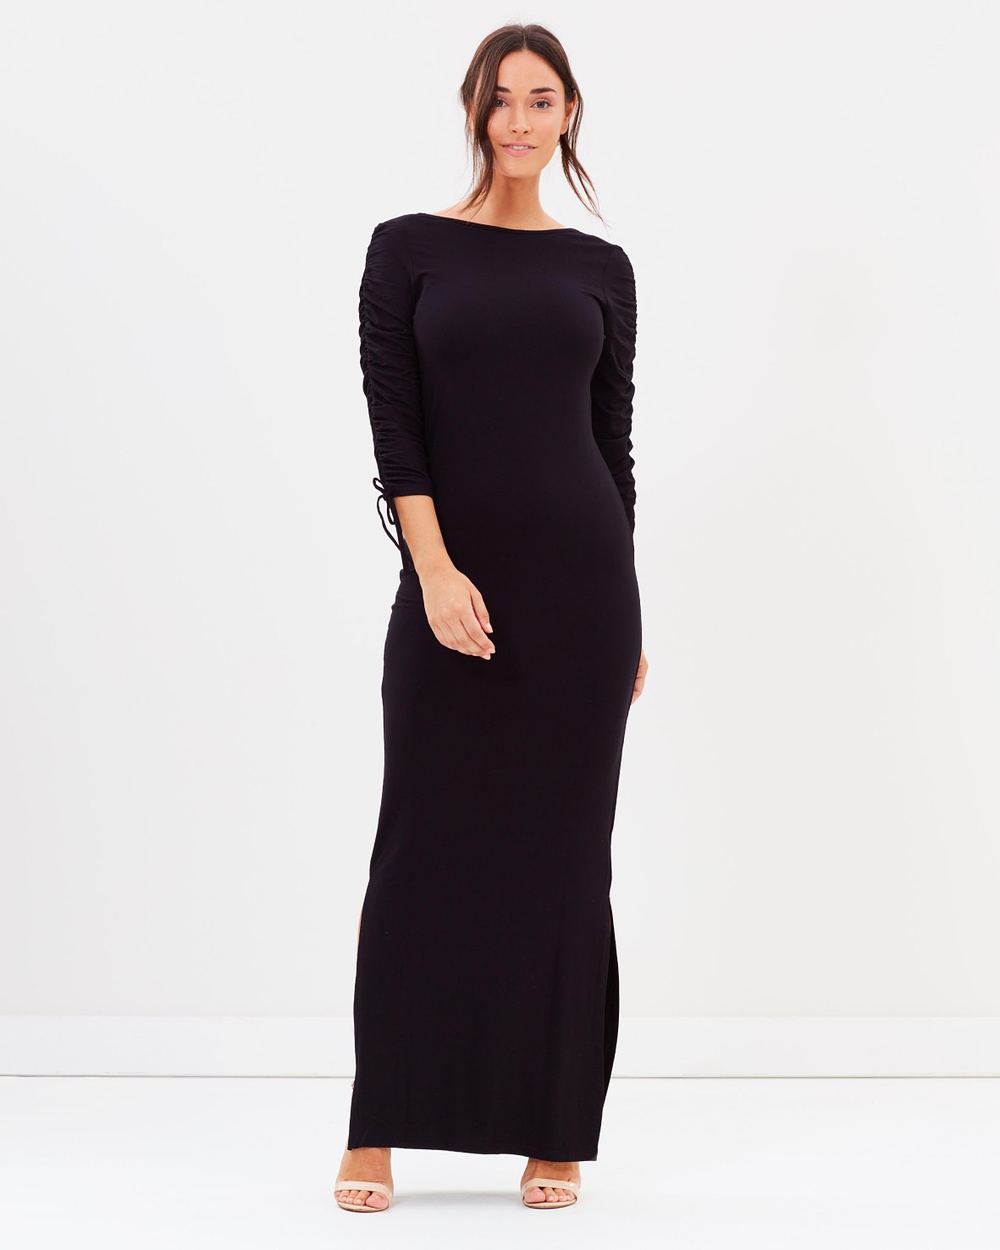 Dorothy Perkins Ruched Maxi Dress Dresses Black Ruched Maxi Dress